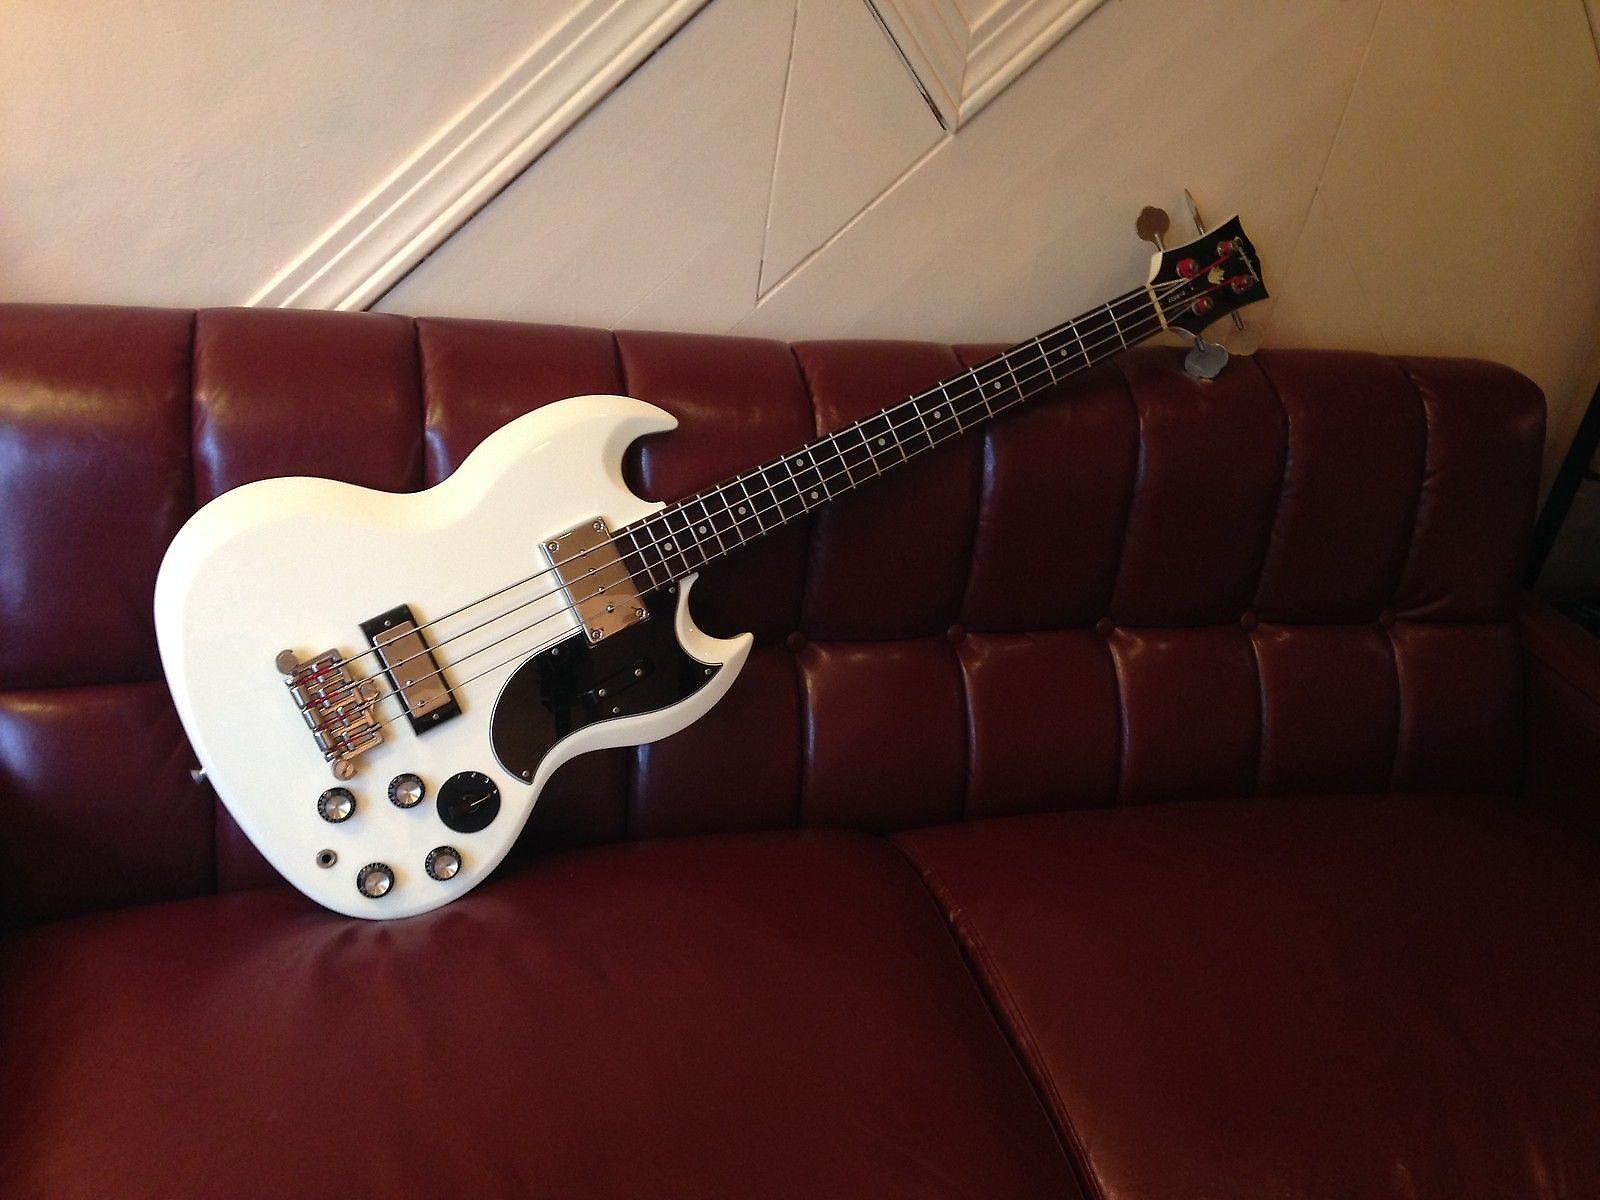 Baixo 4 Cordas Greco Guitar Device With Spirit Energy Y9jdftaxazc95ysmyo5f